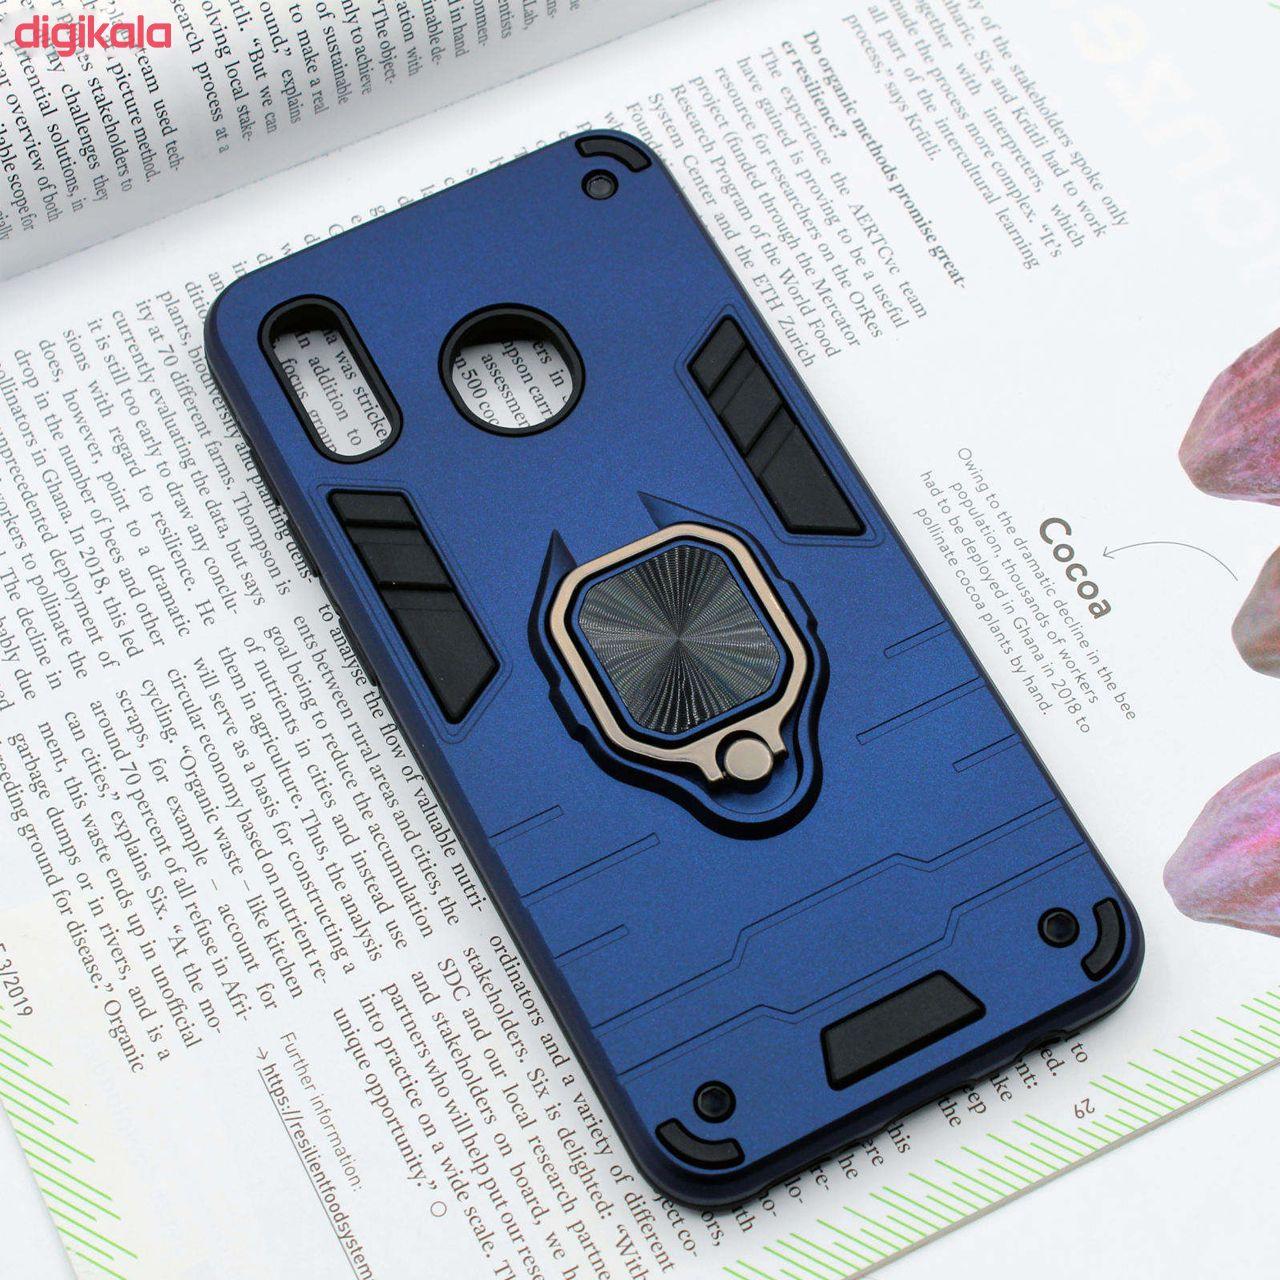 کاور کینگ پاور مدل ASH22 مناسب برای گوشی موبایل هوآوی Y6 Prime 2019 / Y6S / آنر 8A main 1 14